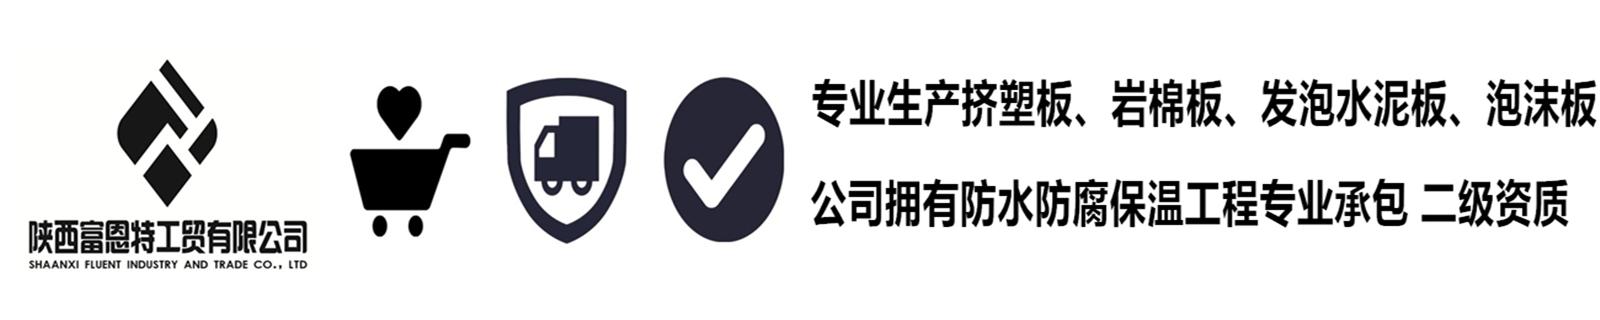 陕西富恩特工贸有限公司